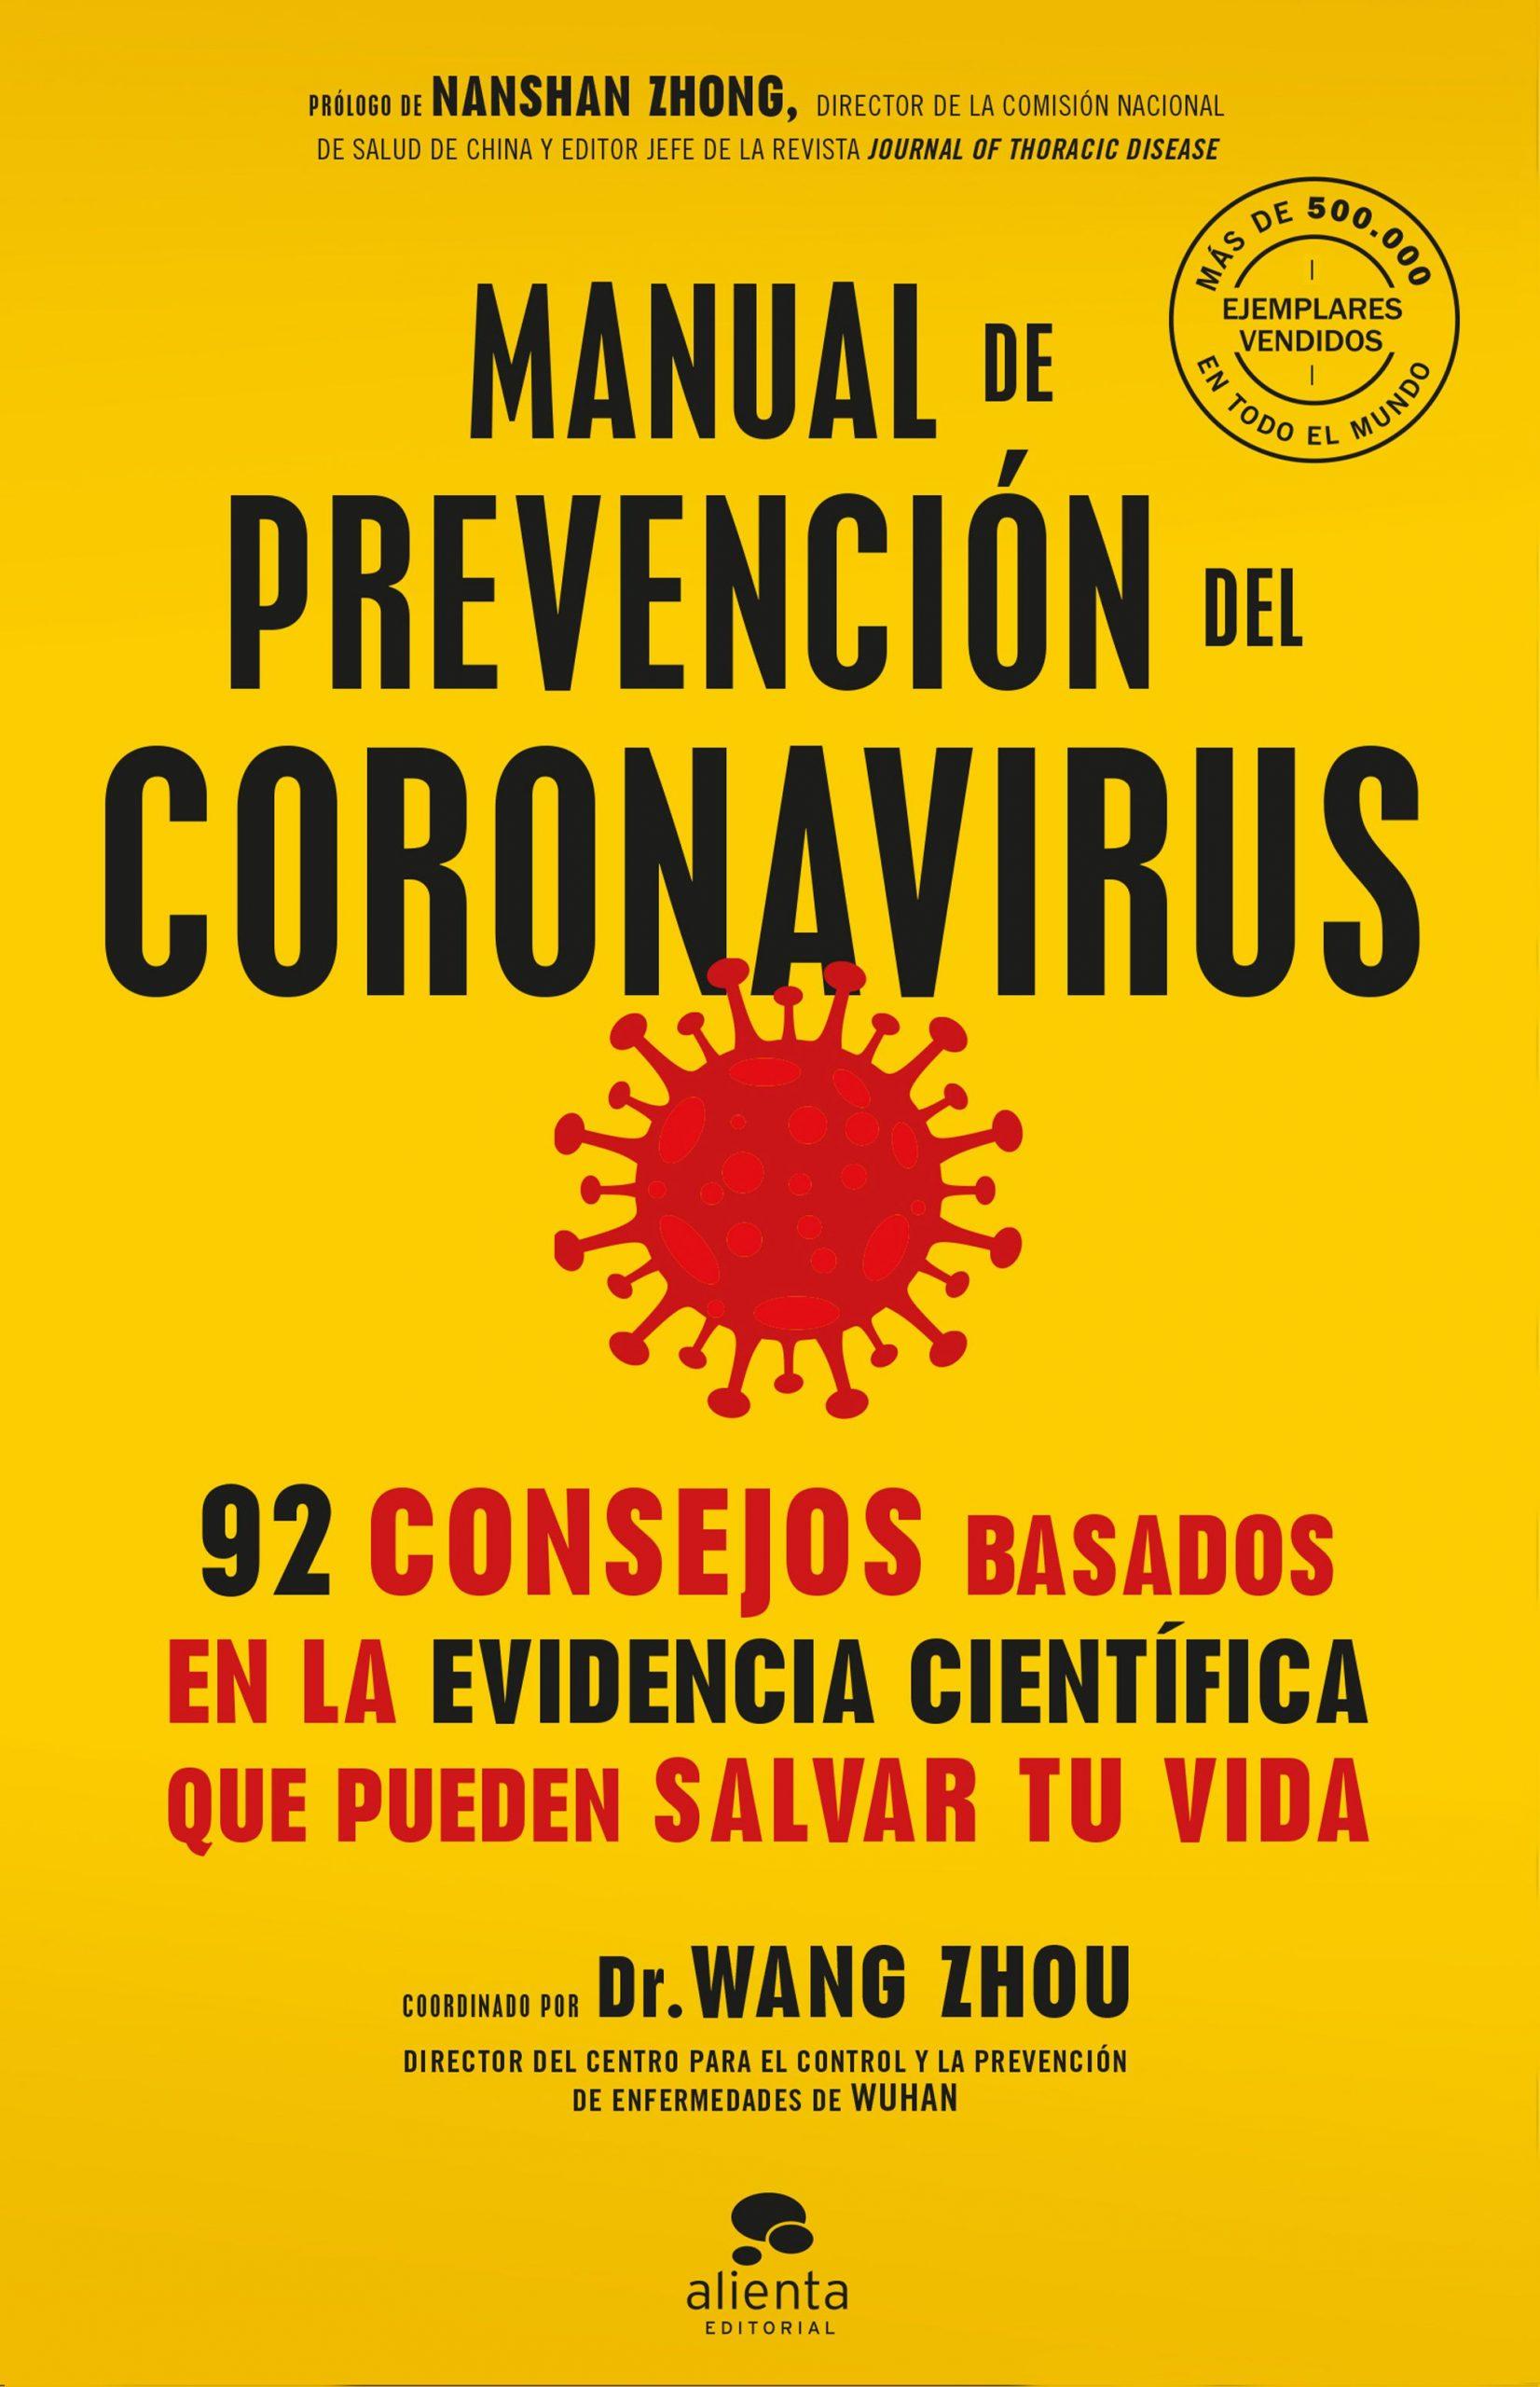 portada manual de prevencion del coronavirus wang zhou